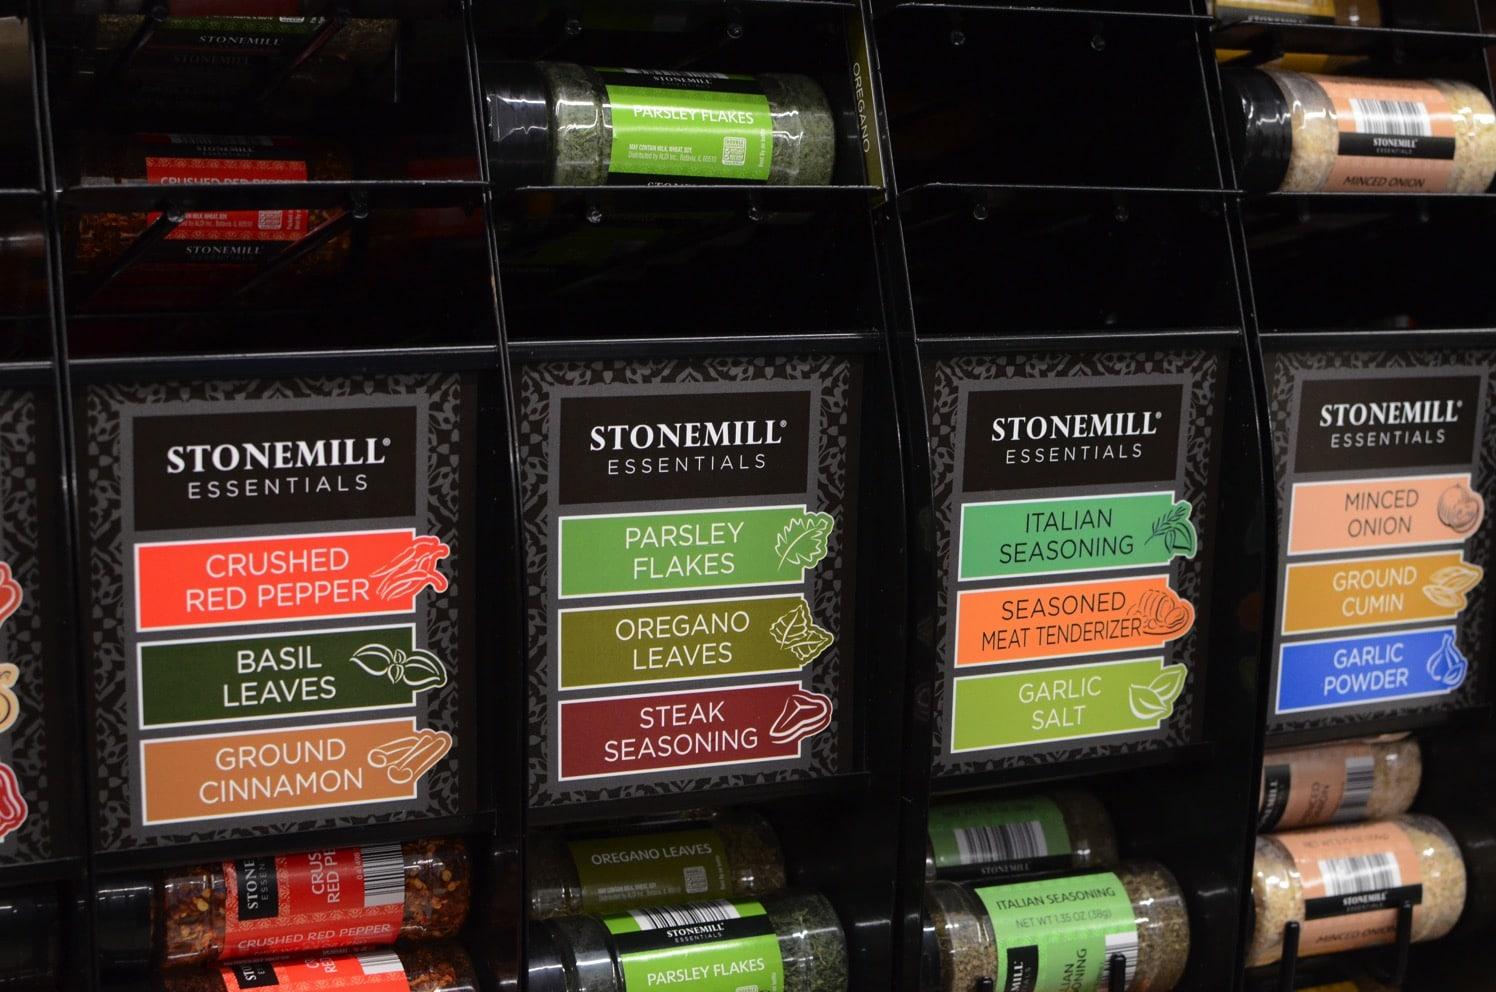 ALDI spices